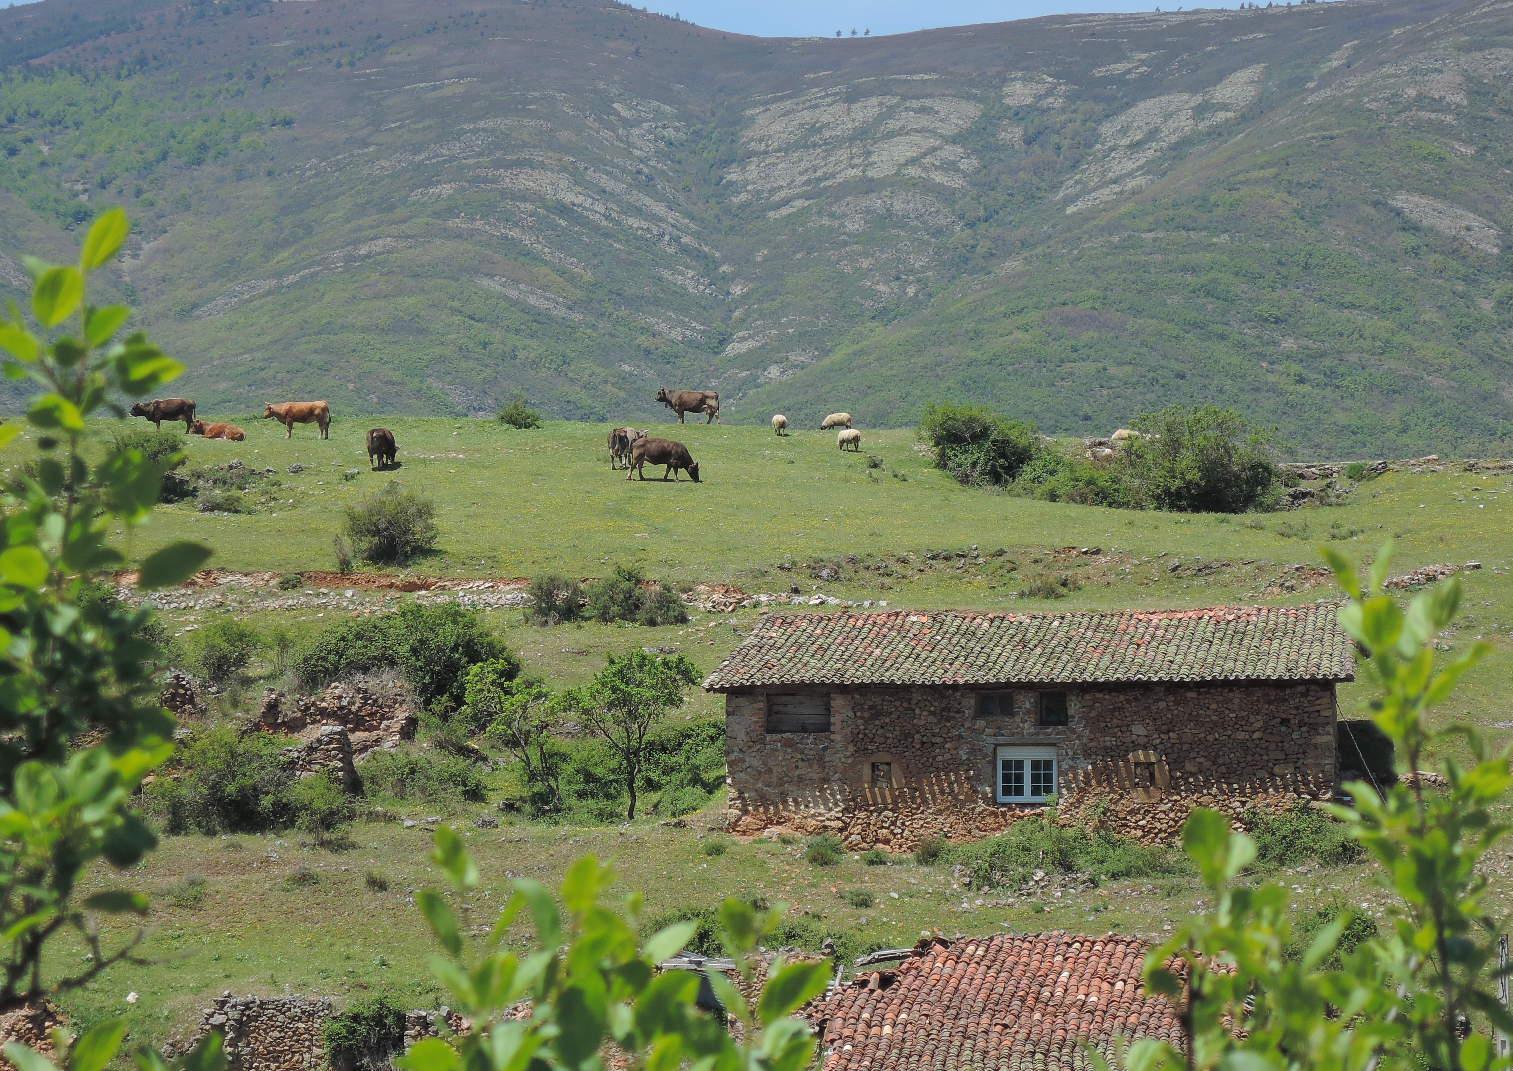 Escena campestre en el municipio de Canales.